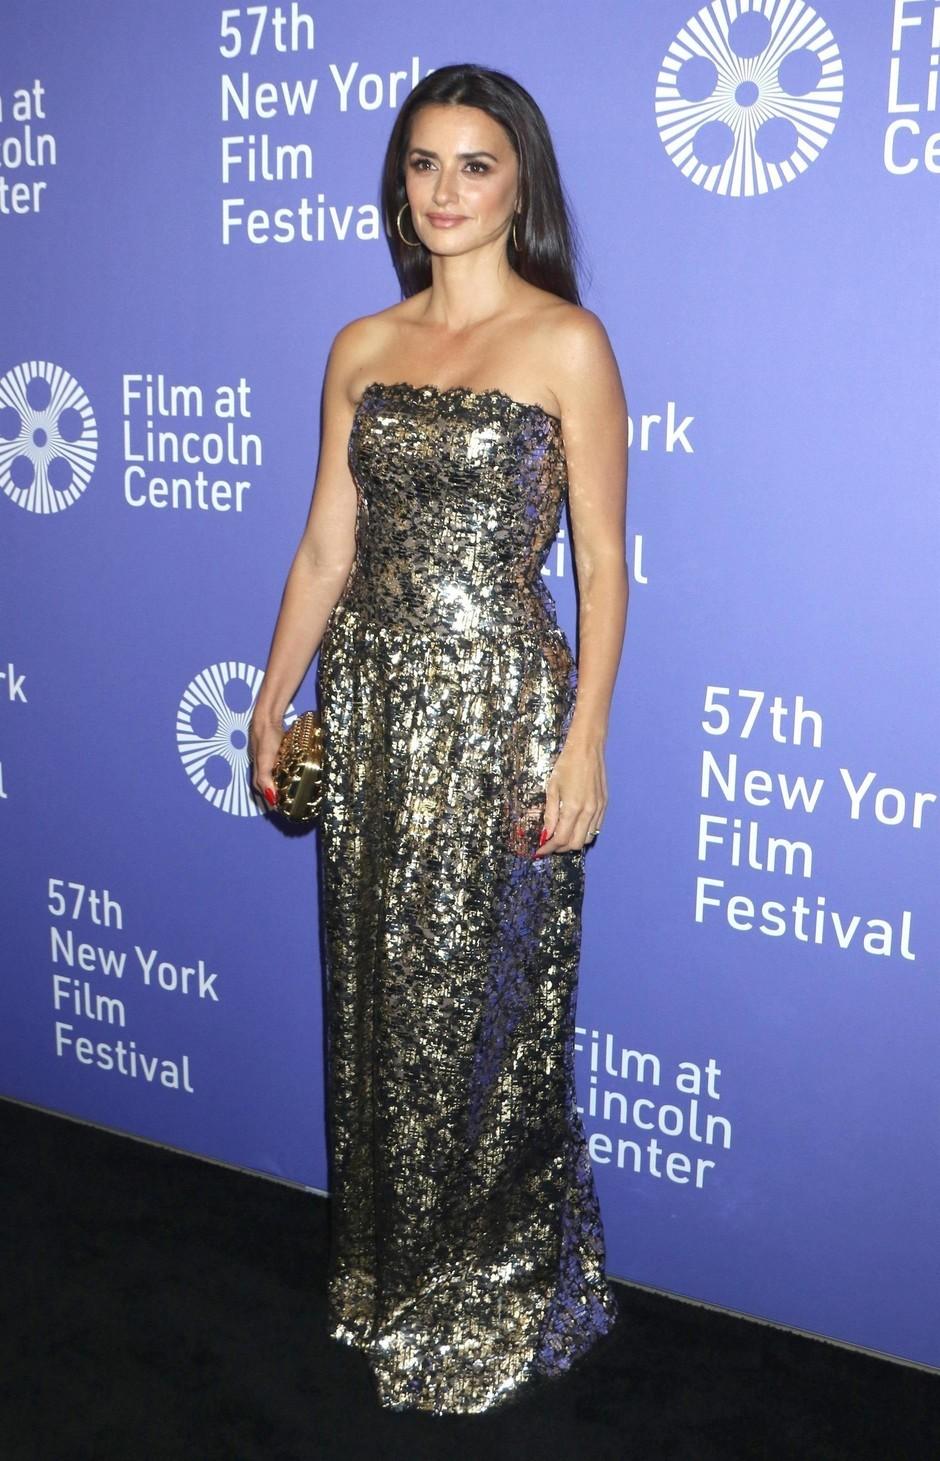 Пенелопа Крус появилась на кинофестивале в платье из «жидкого металла»